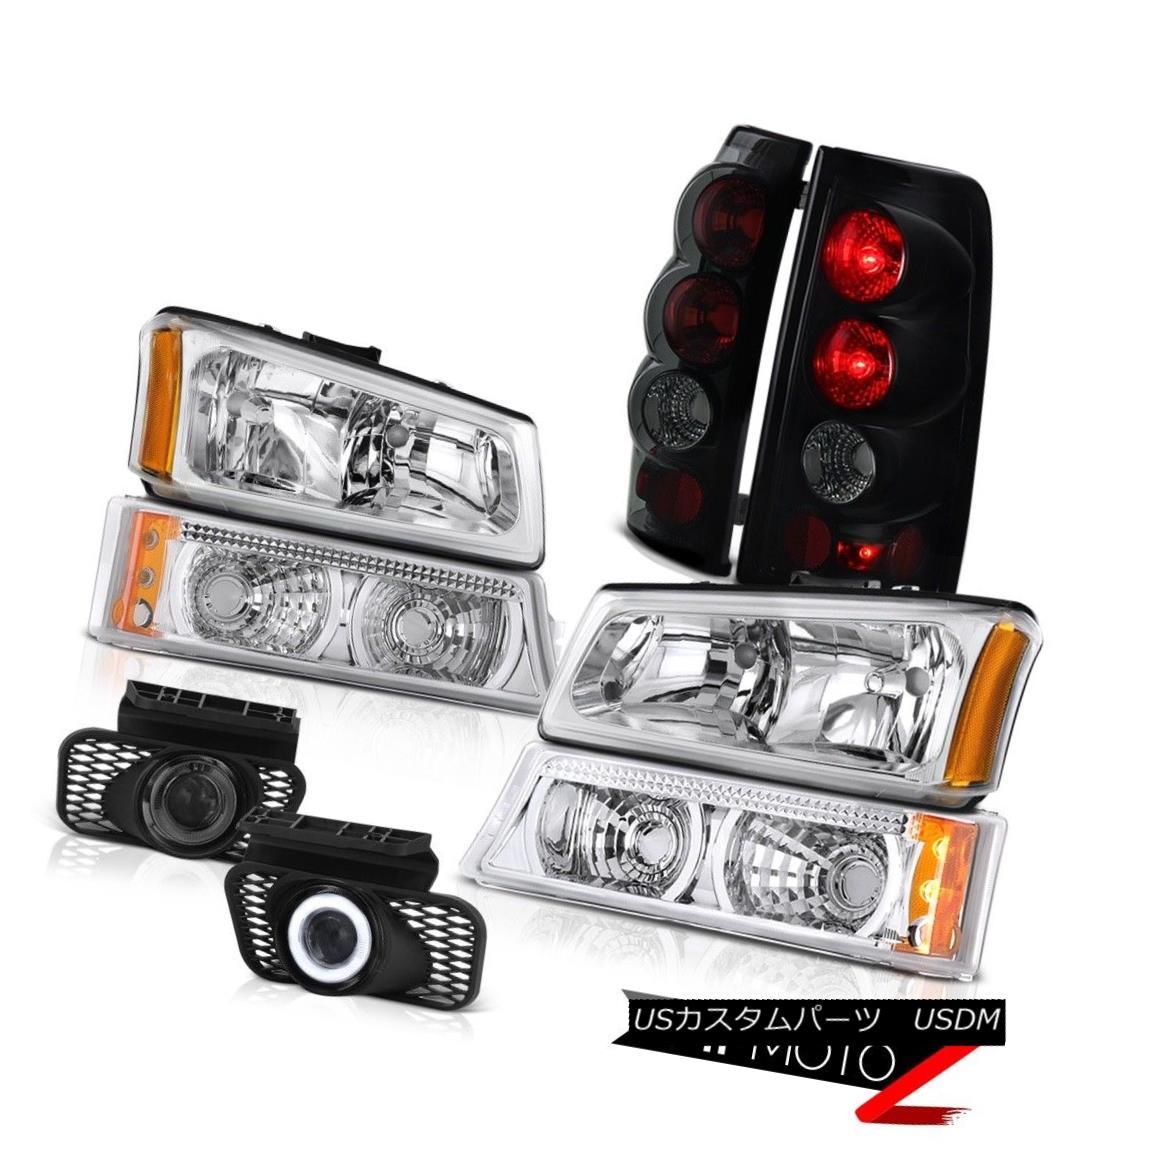 テールライト Chrome Headlight Signal Bumper Darkest Smoke Tail Light Foglight 03-06 Silverado クロームヘッドライト信号バンパー暗い煙テールライトフォグライト03-06シルバラード